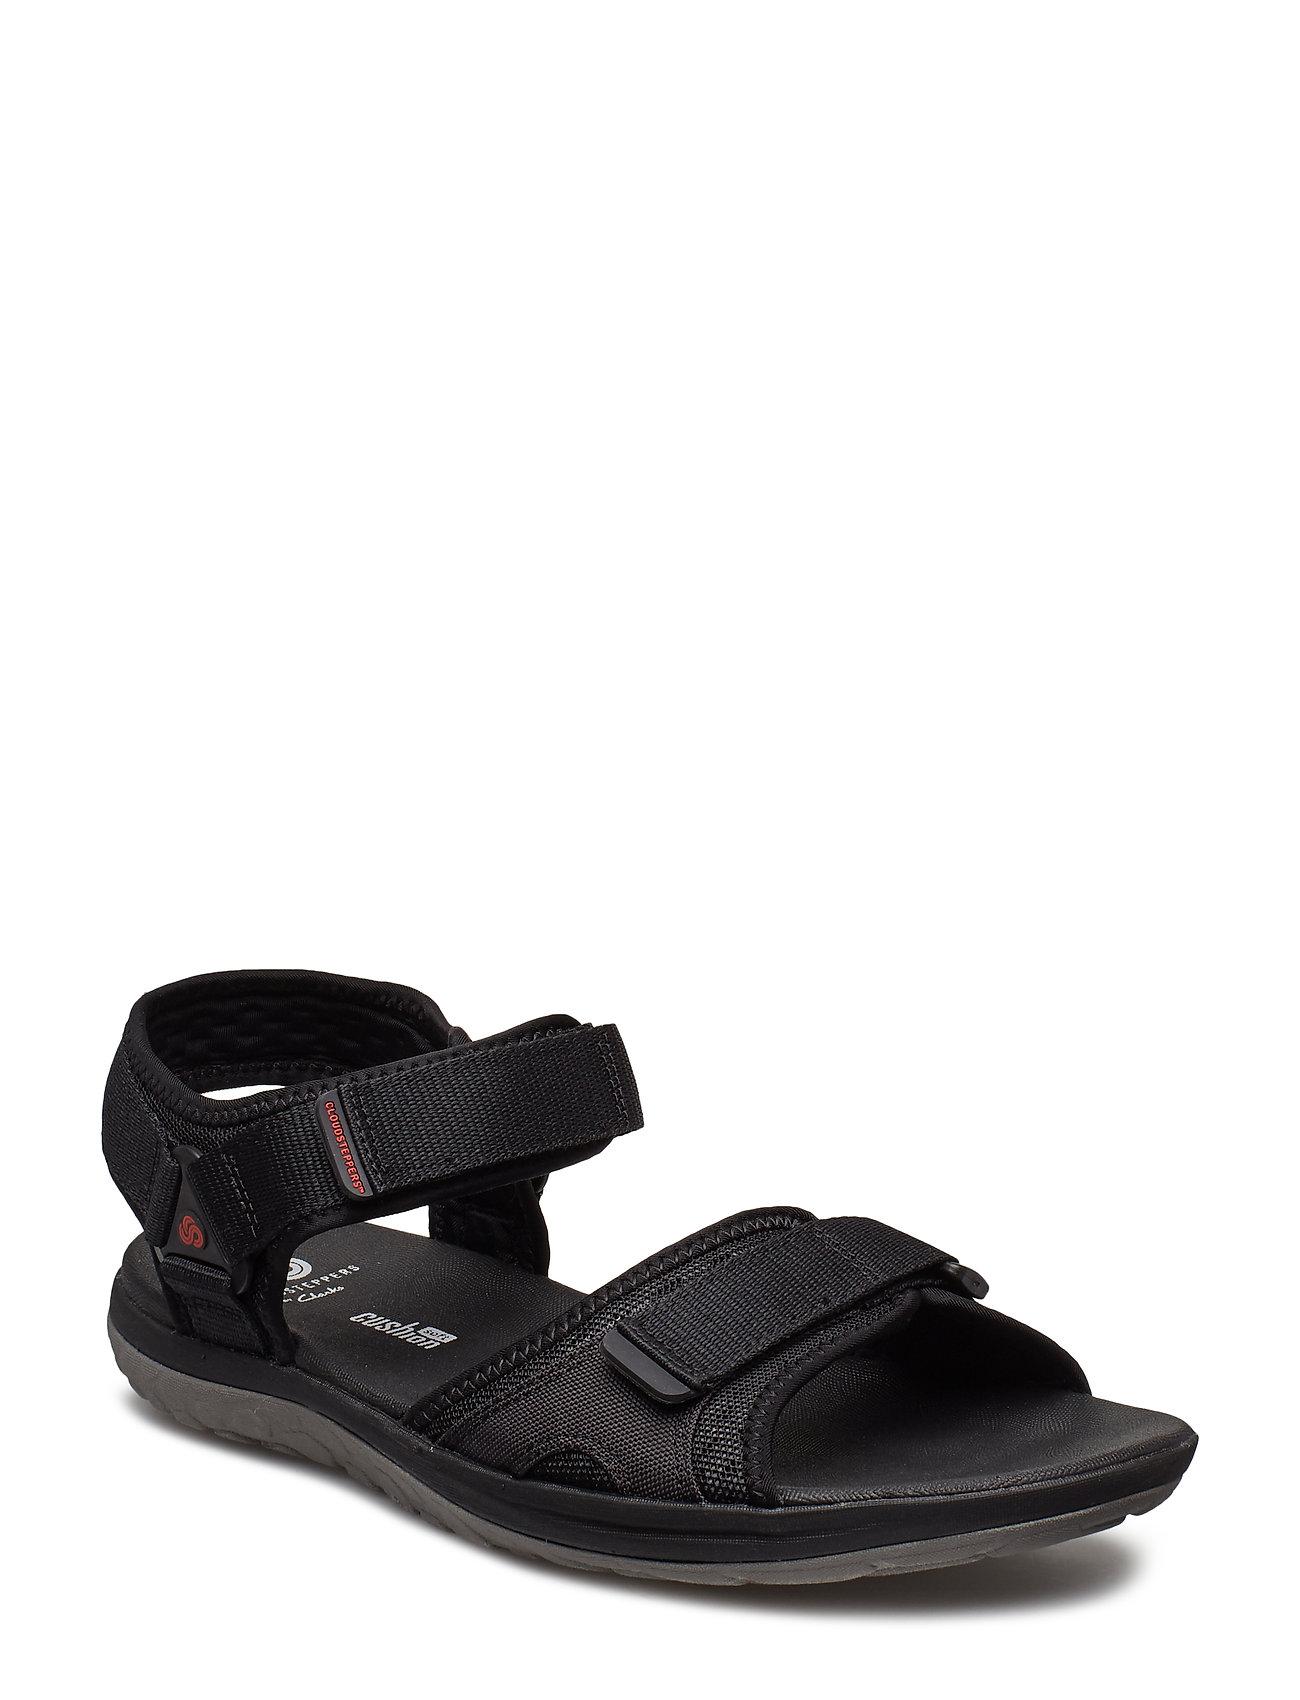 136ffb18e15 Clarks sandaler – Step Beat Sun Sandaler Sort CLARKS til herre i ...